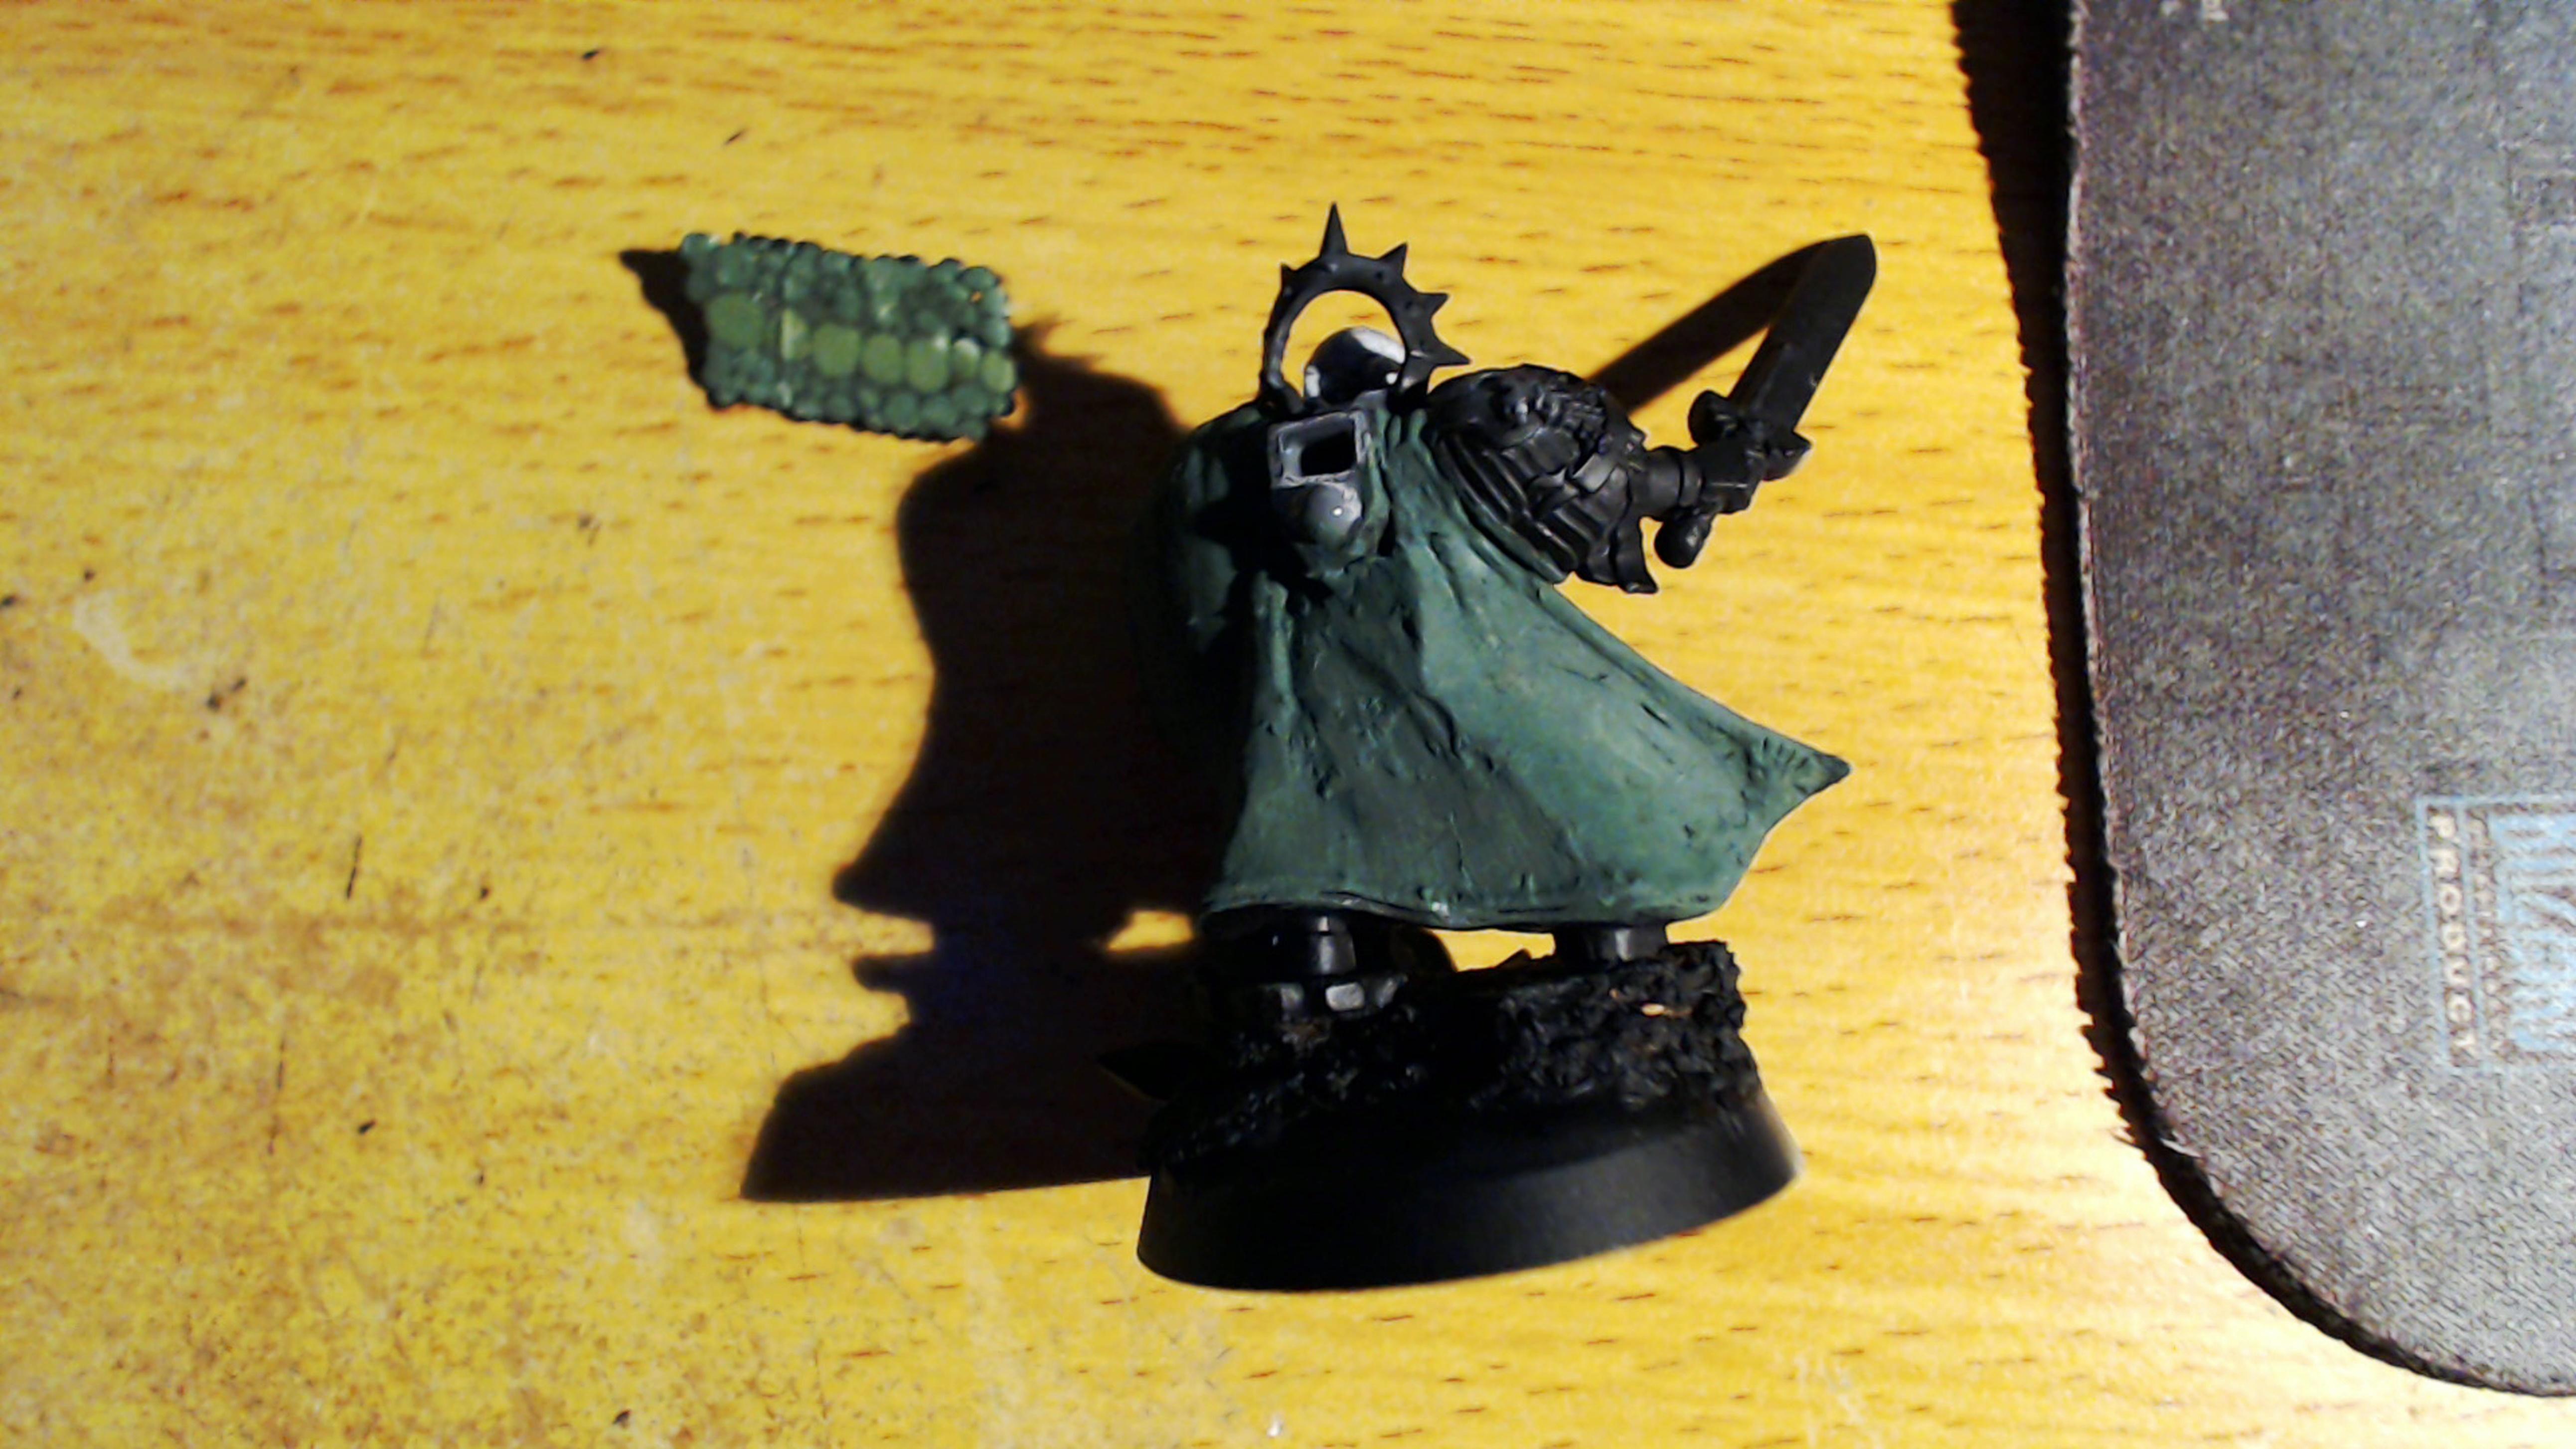 Cloak was awl messed up ! Liquid green stuff in progress